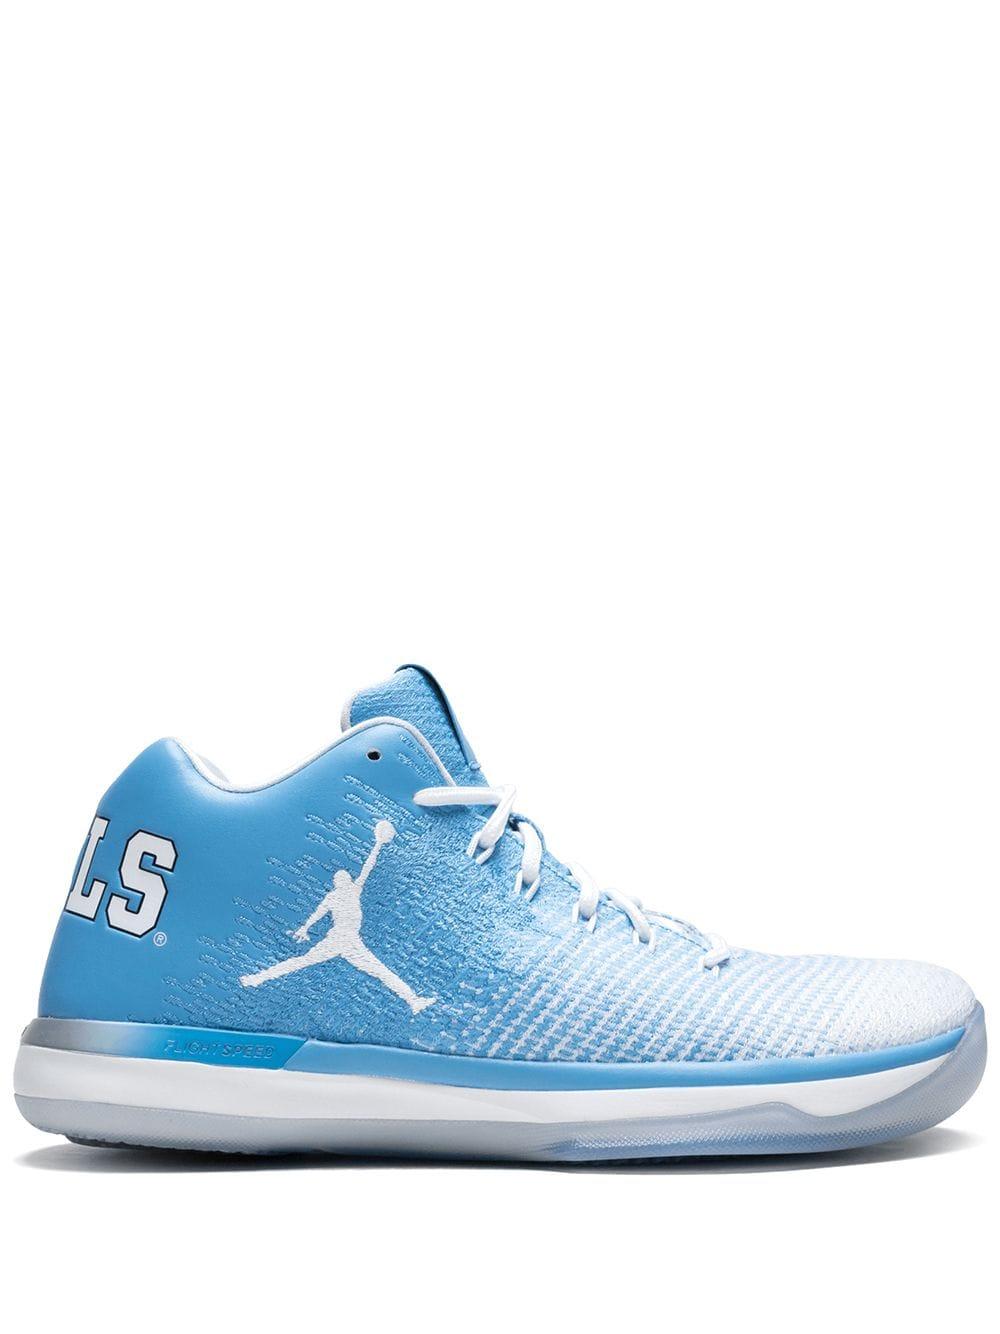 Jordan jordan air jordan xxxi low sneakers blue jordan